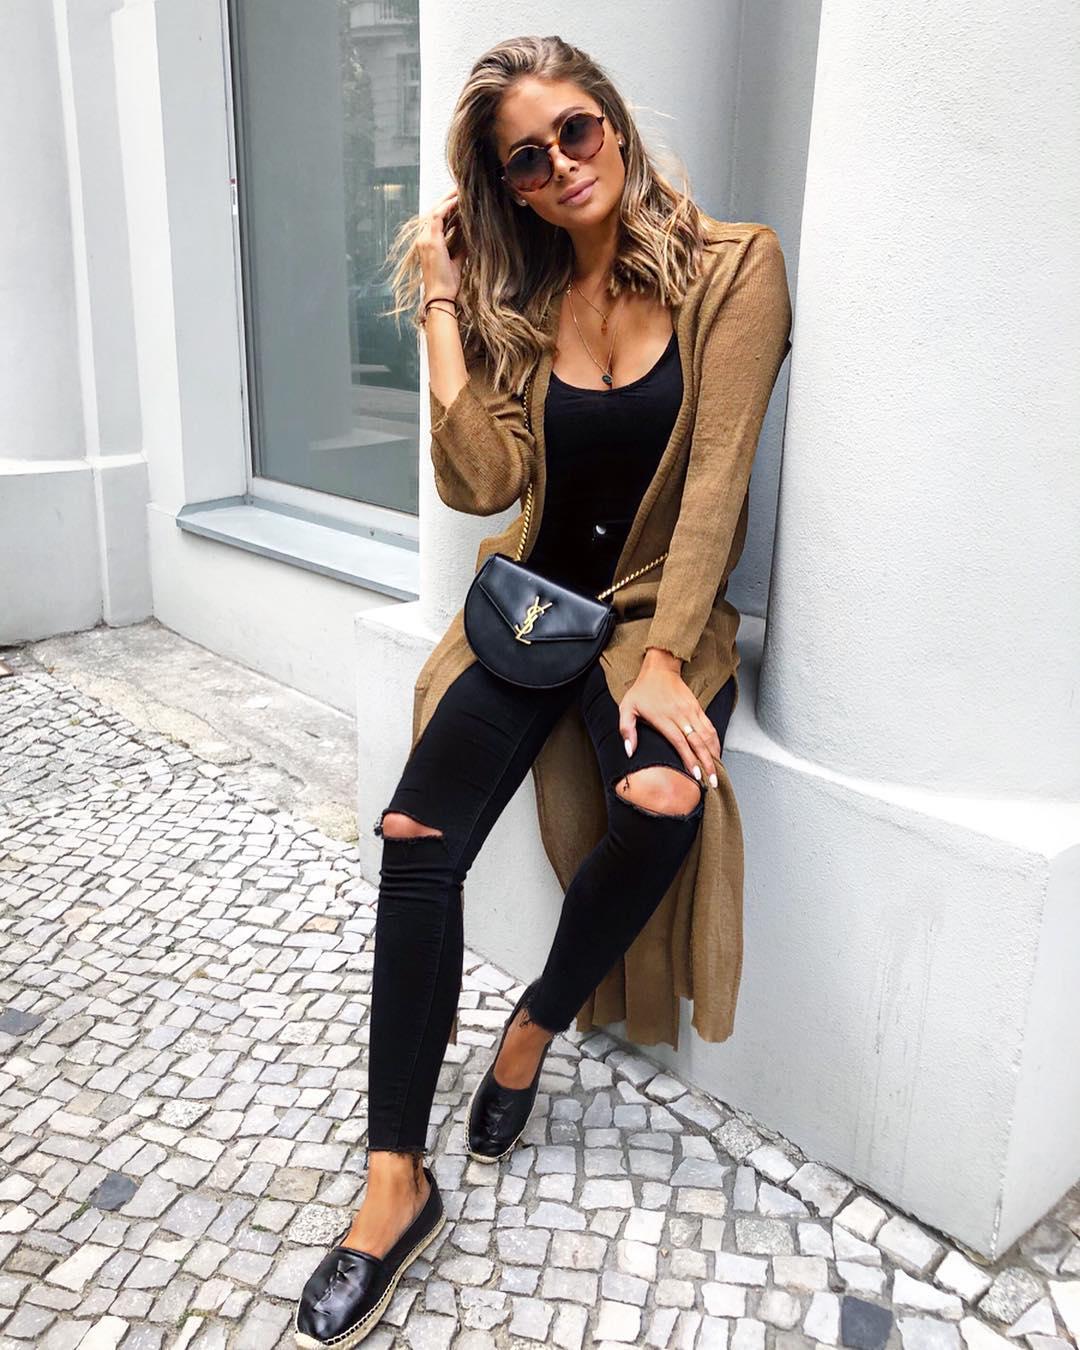 Джинсы с трикотажными вещами как стильно носить осенью и зимой 2018-2019 фото 11